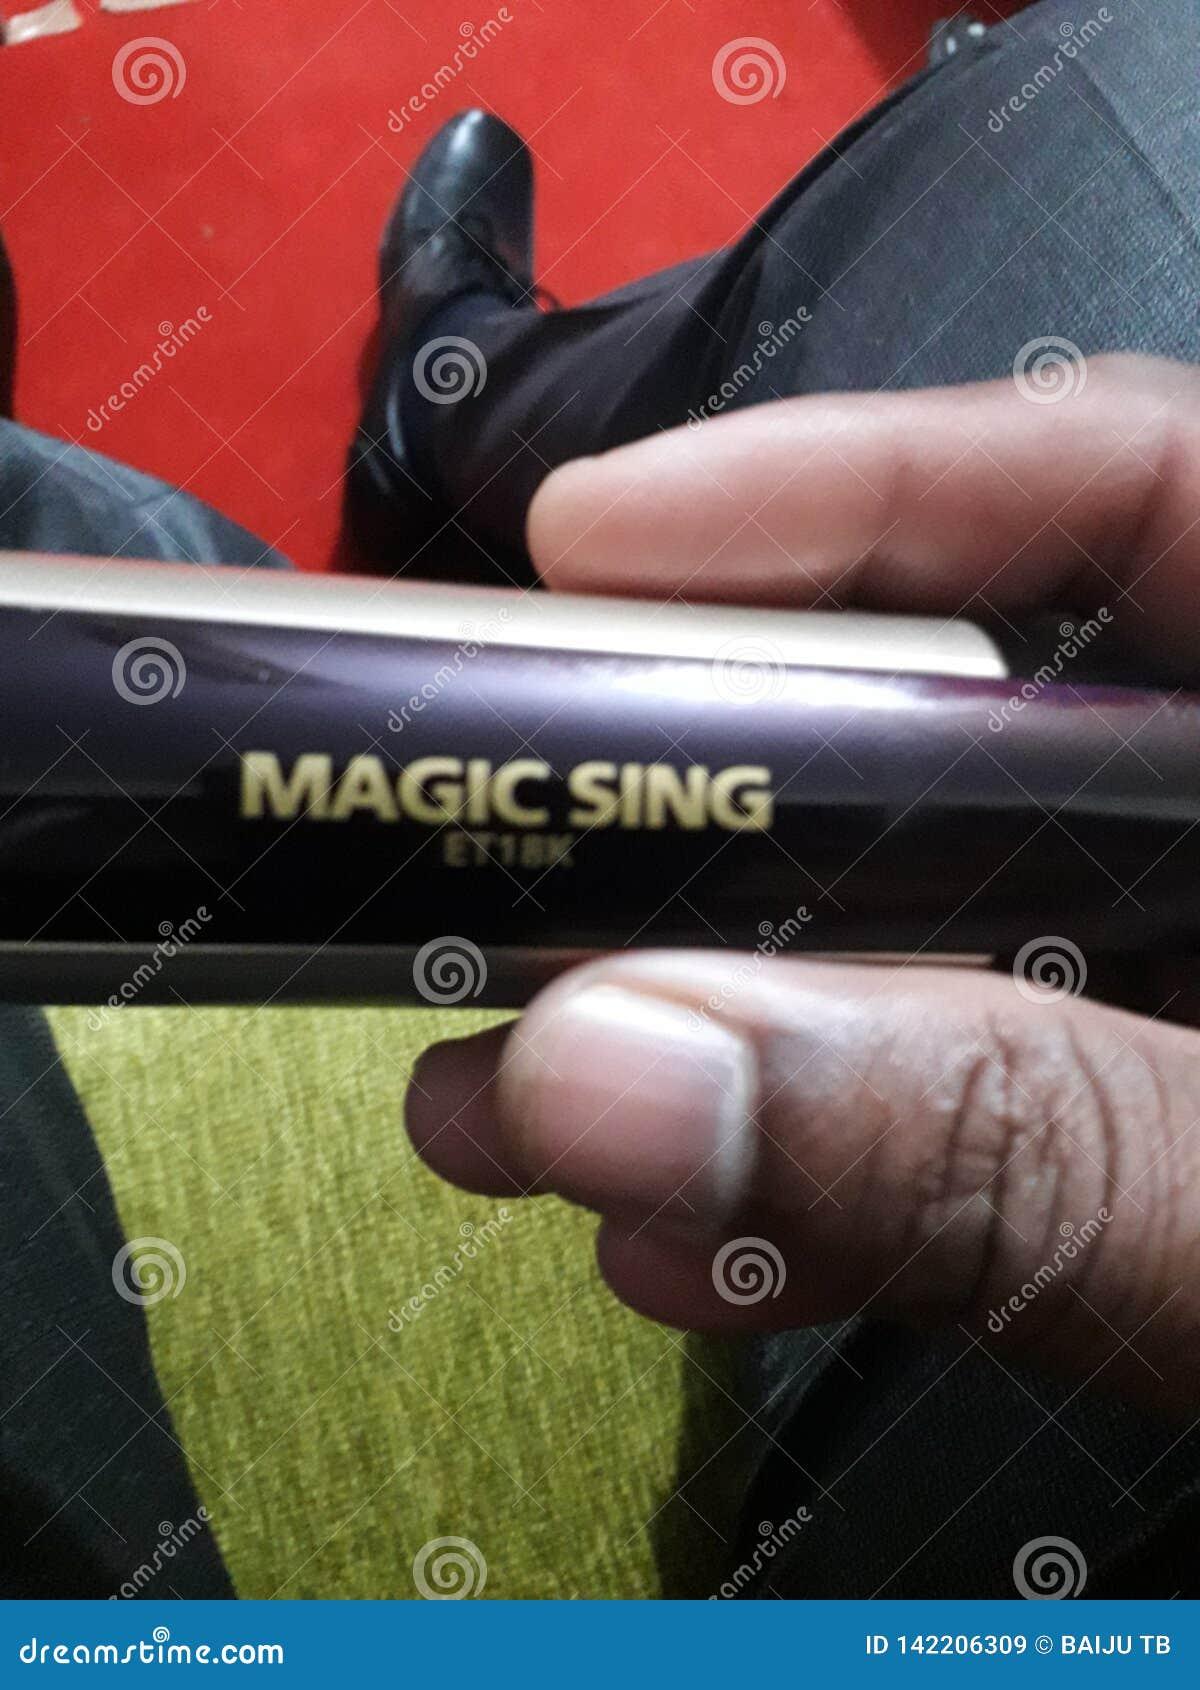 La magie chantent le karoke pour le chant